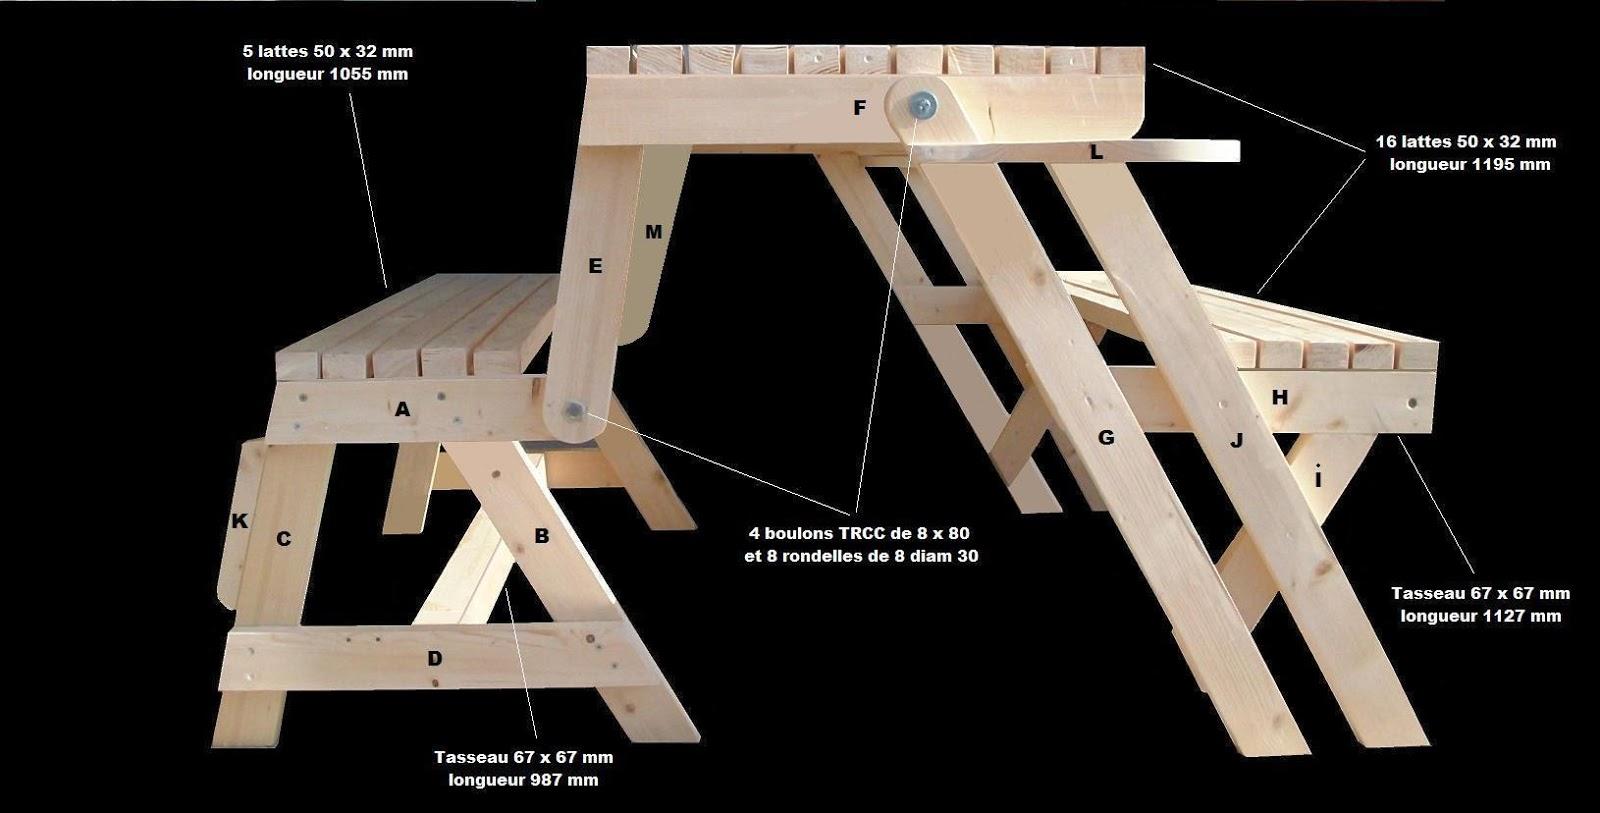 fabrication d un banc de jardin en bois - maison design - bahbe.com - Plan Pour Fabriquer Une Table De Jardin En Bois